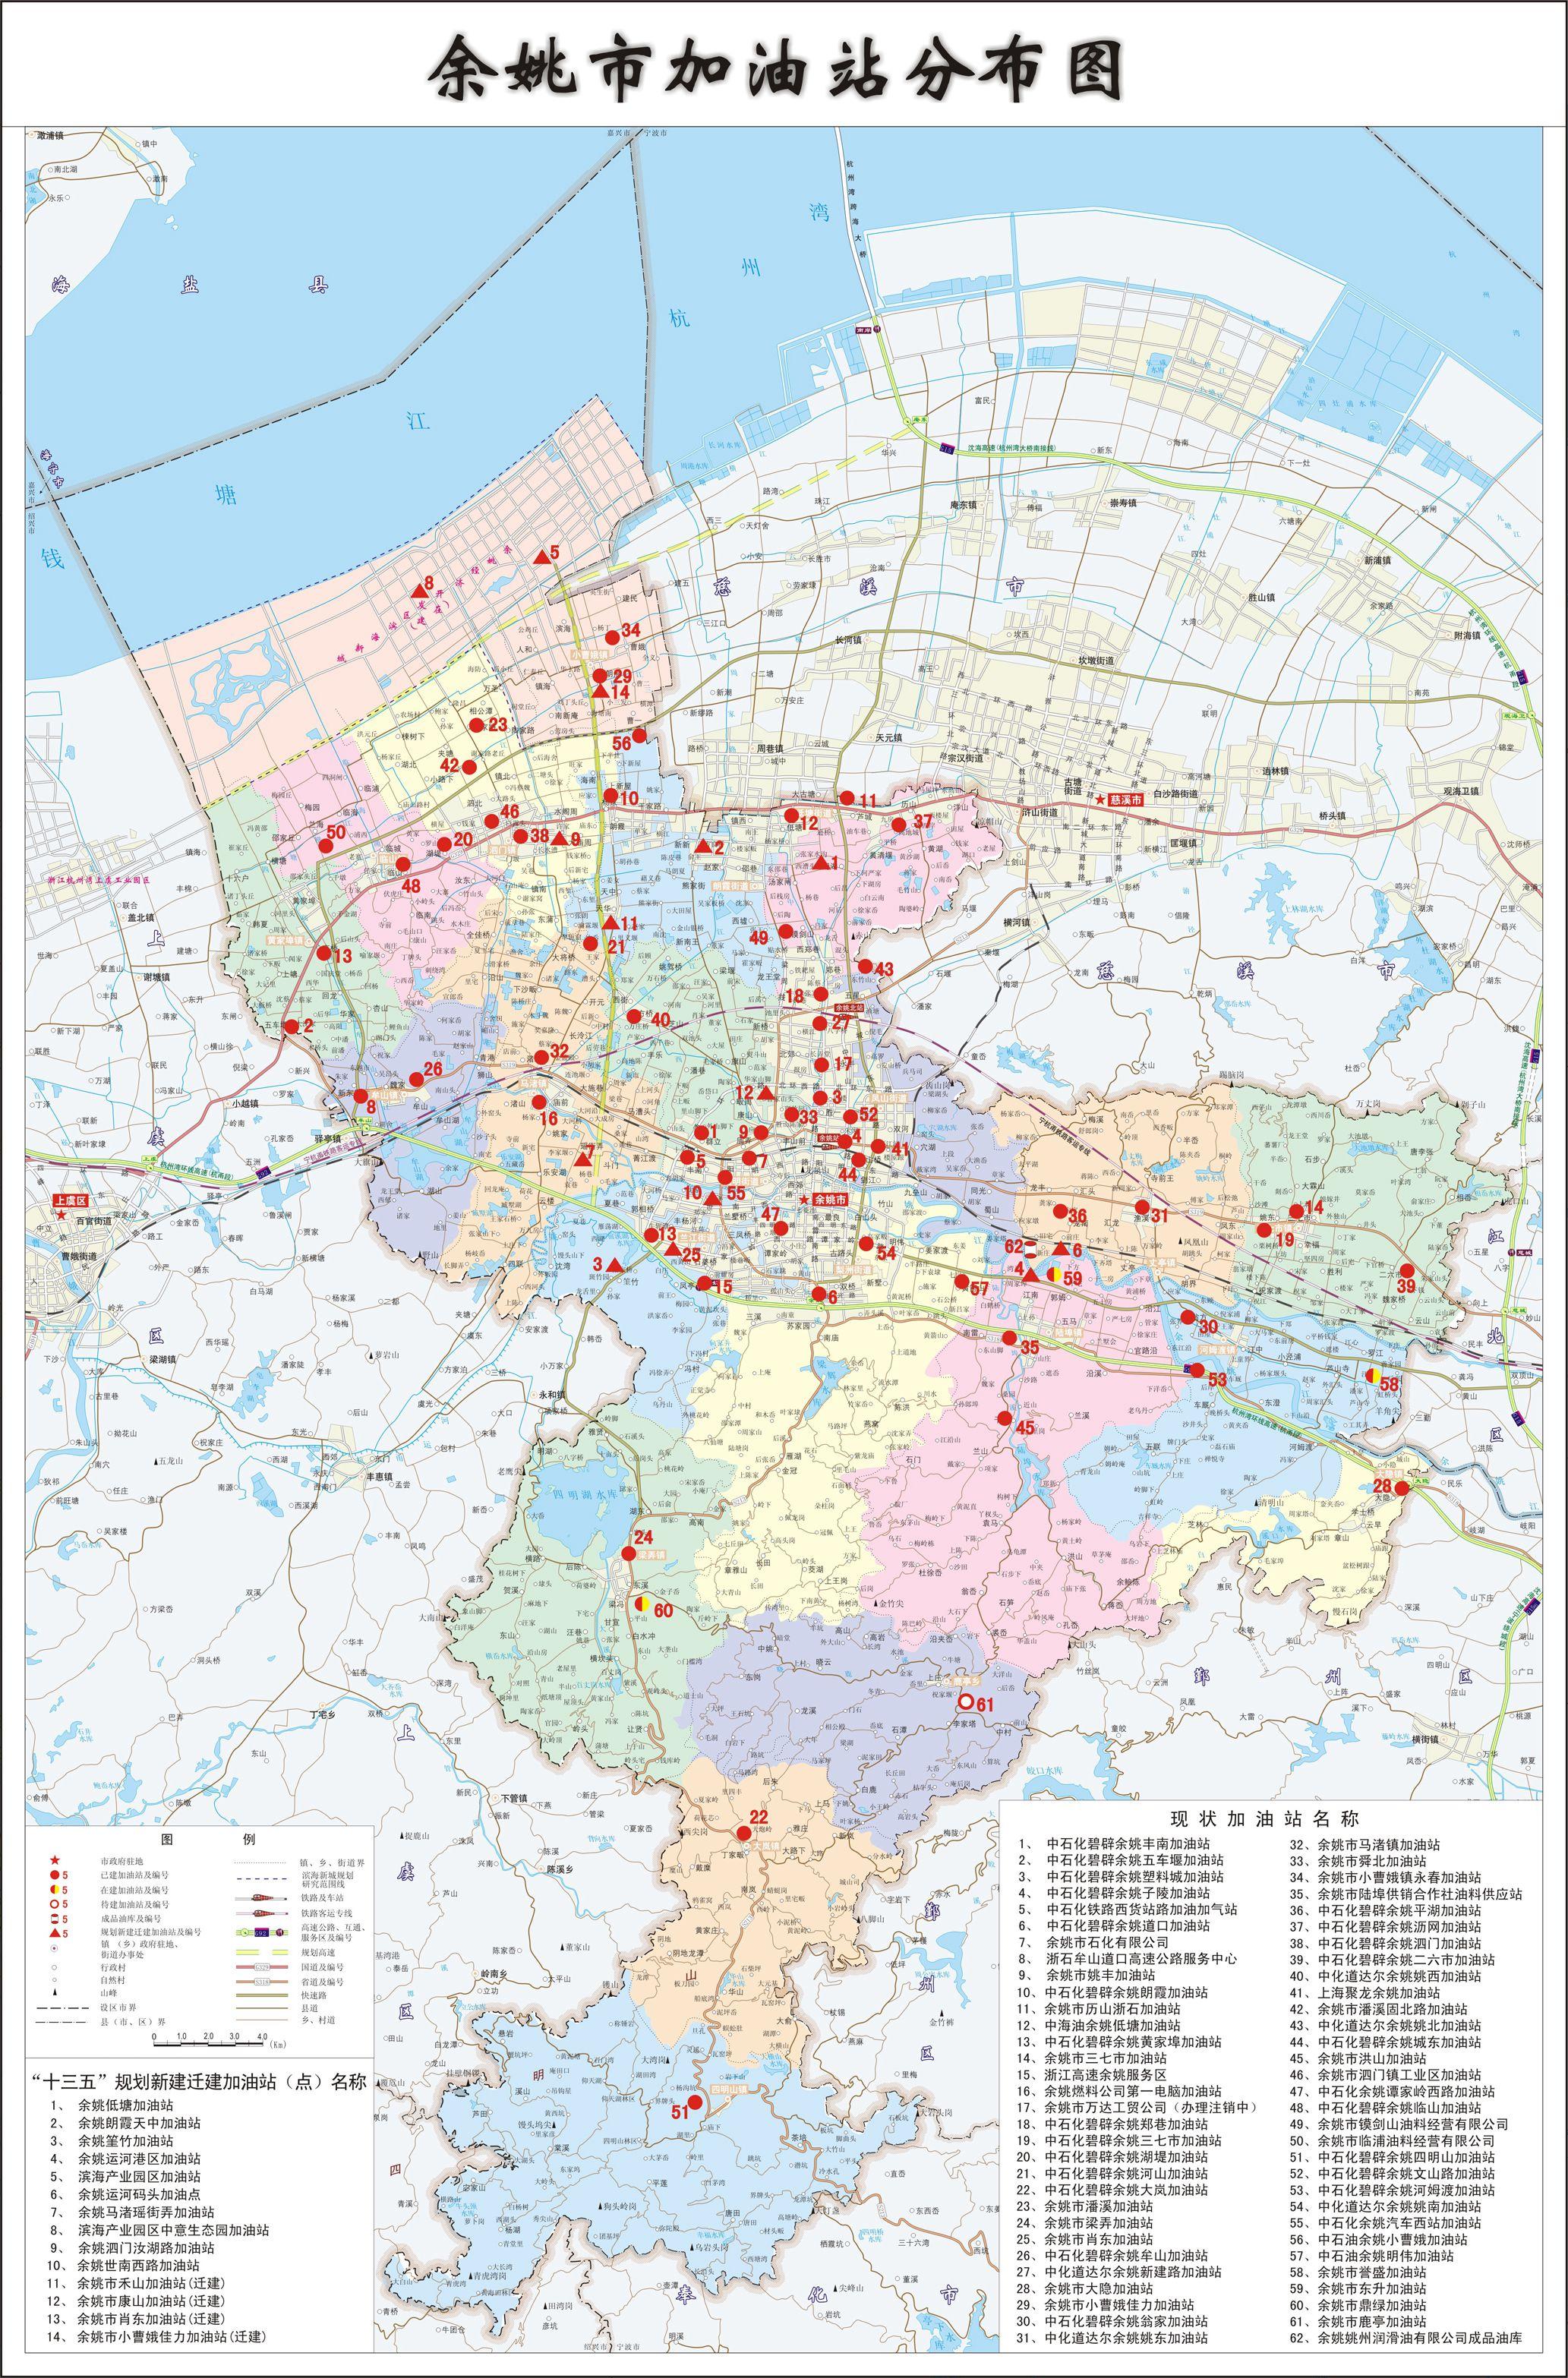 余姚地图-余姚市属于什么区